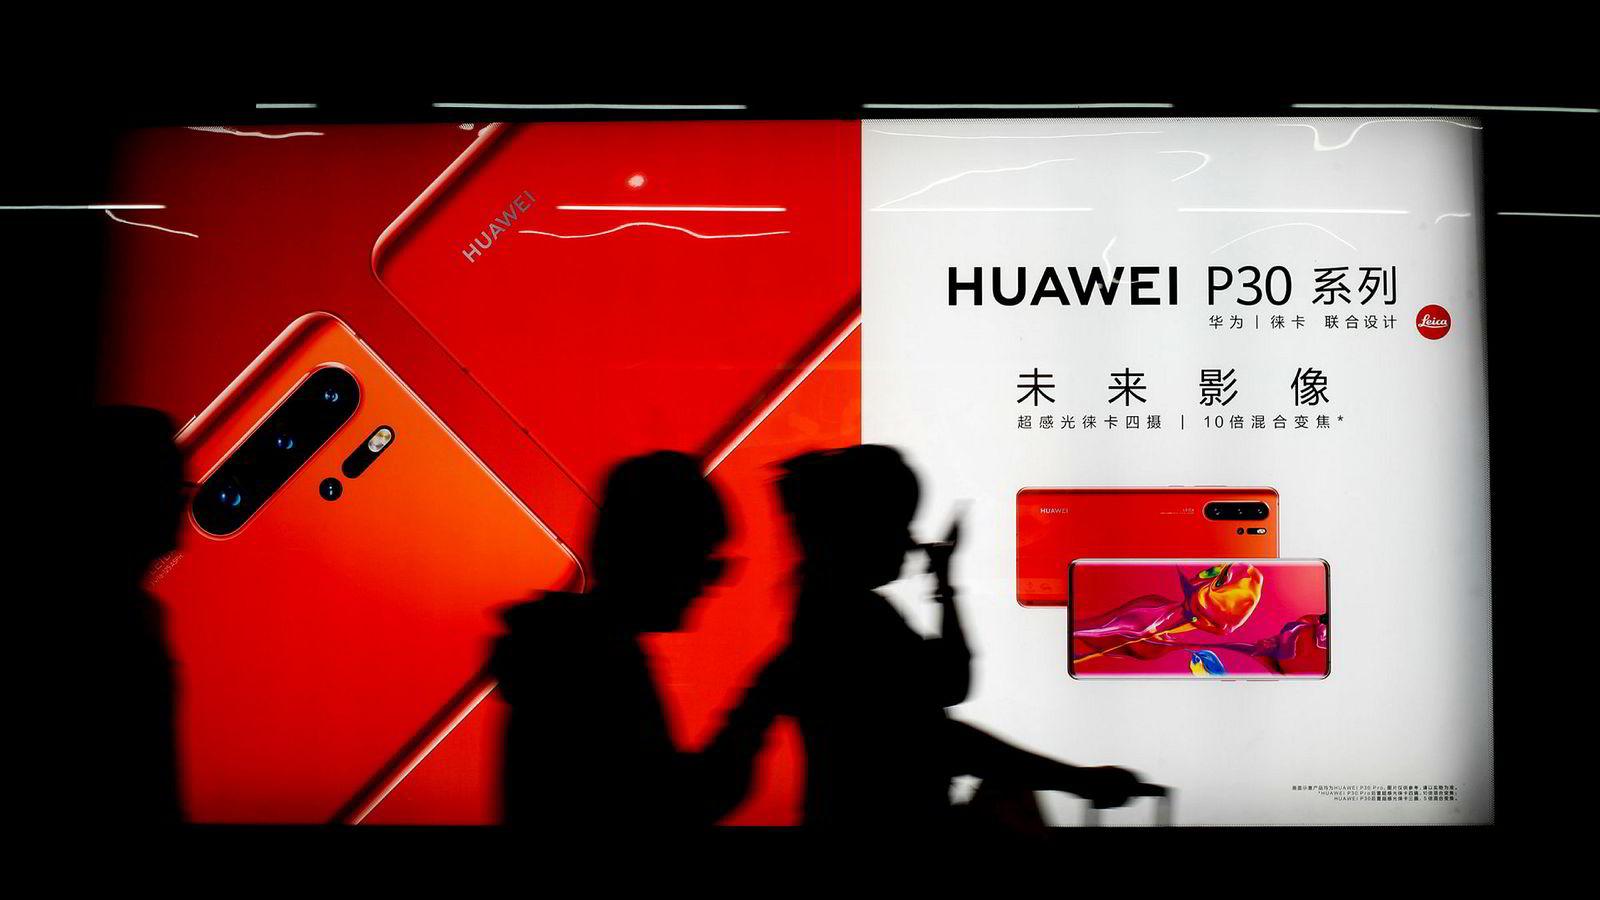 Huaweis nye toppmodell solgte best hos Telia i april. Den tilspissede situasjonen mellom USA og Kina gjør at Google må begrense samarbeidet. Det kan føre til at Google-apper forsvinner fra smarttelefonene.